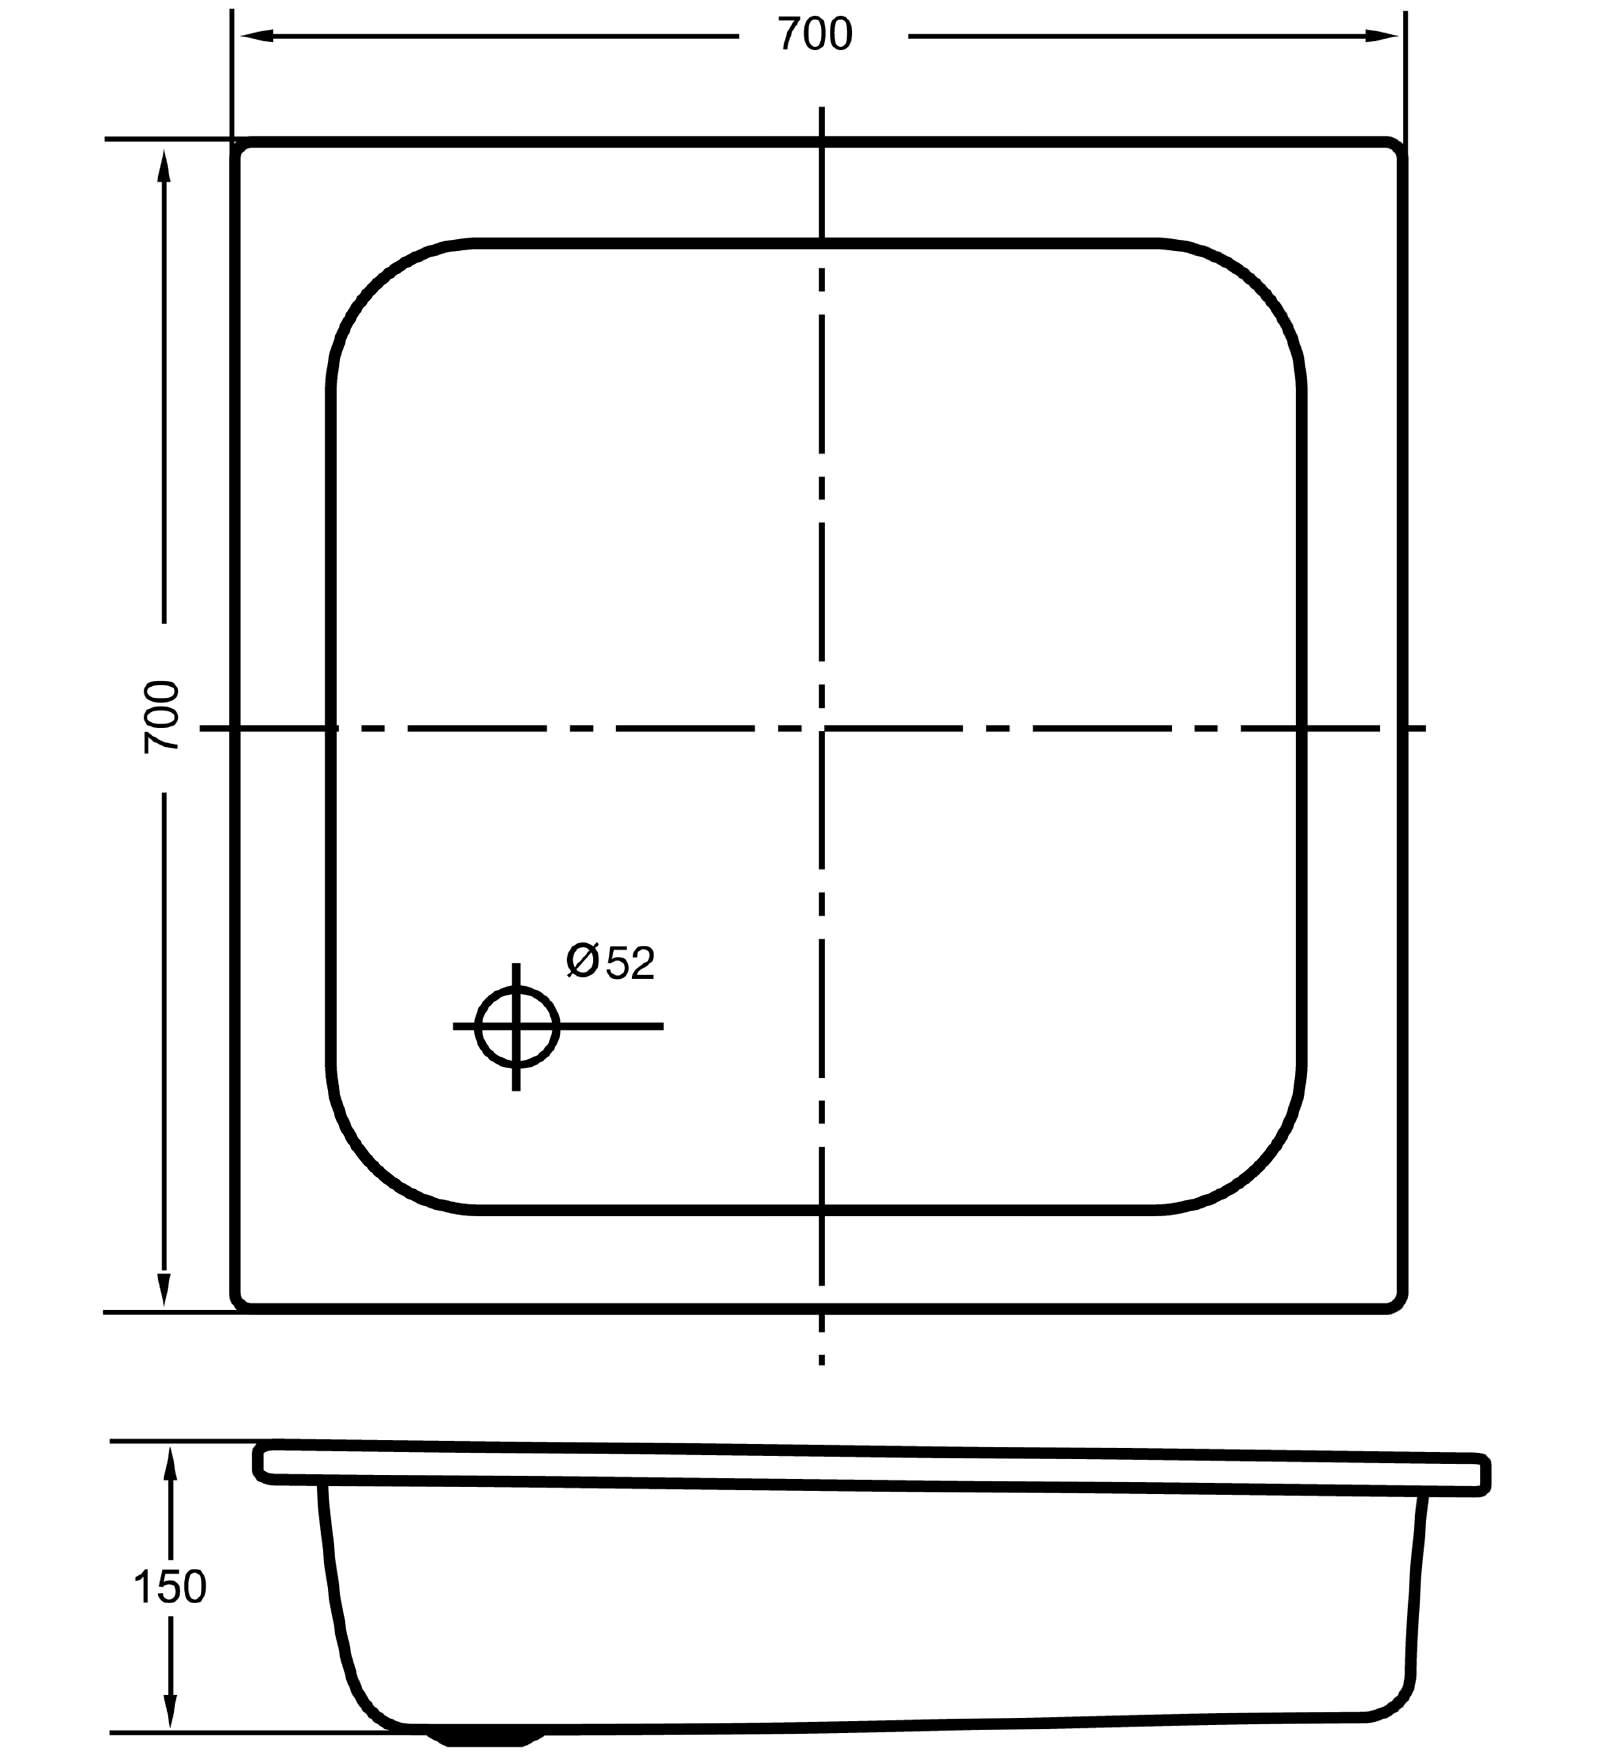 Full Size of Bette Duschwanne Stahl Tief In Wei Calmwatersde Betten Kaufen Außergewöhnliche Luxus Tempur 200x200 Mit Aufbewahrung 140x200 Designer Massiv Dico Meise Bett Bette Duschwanne